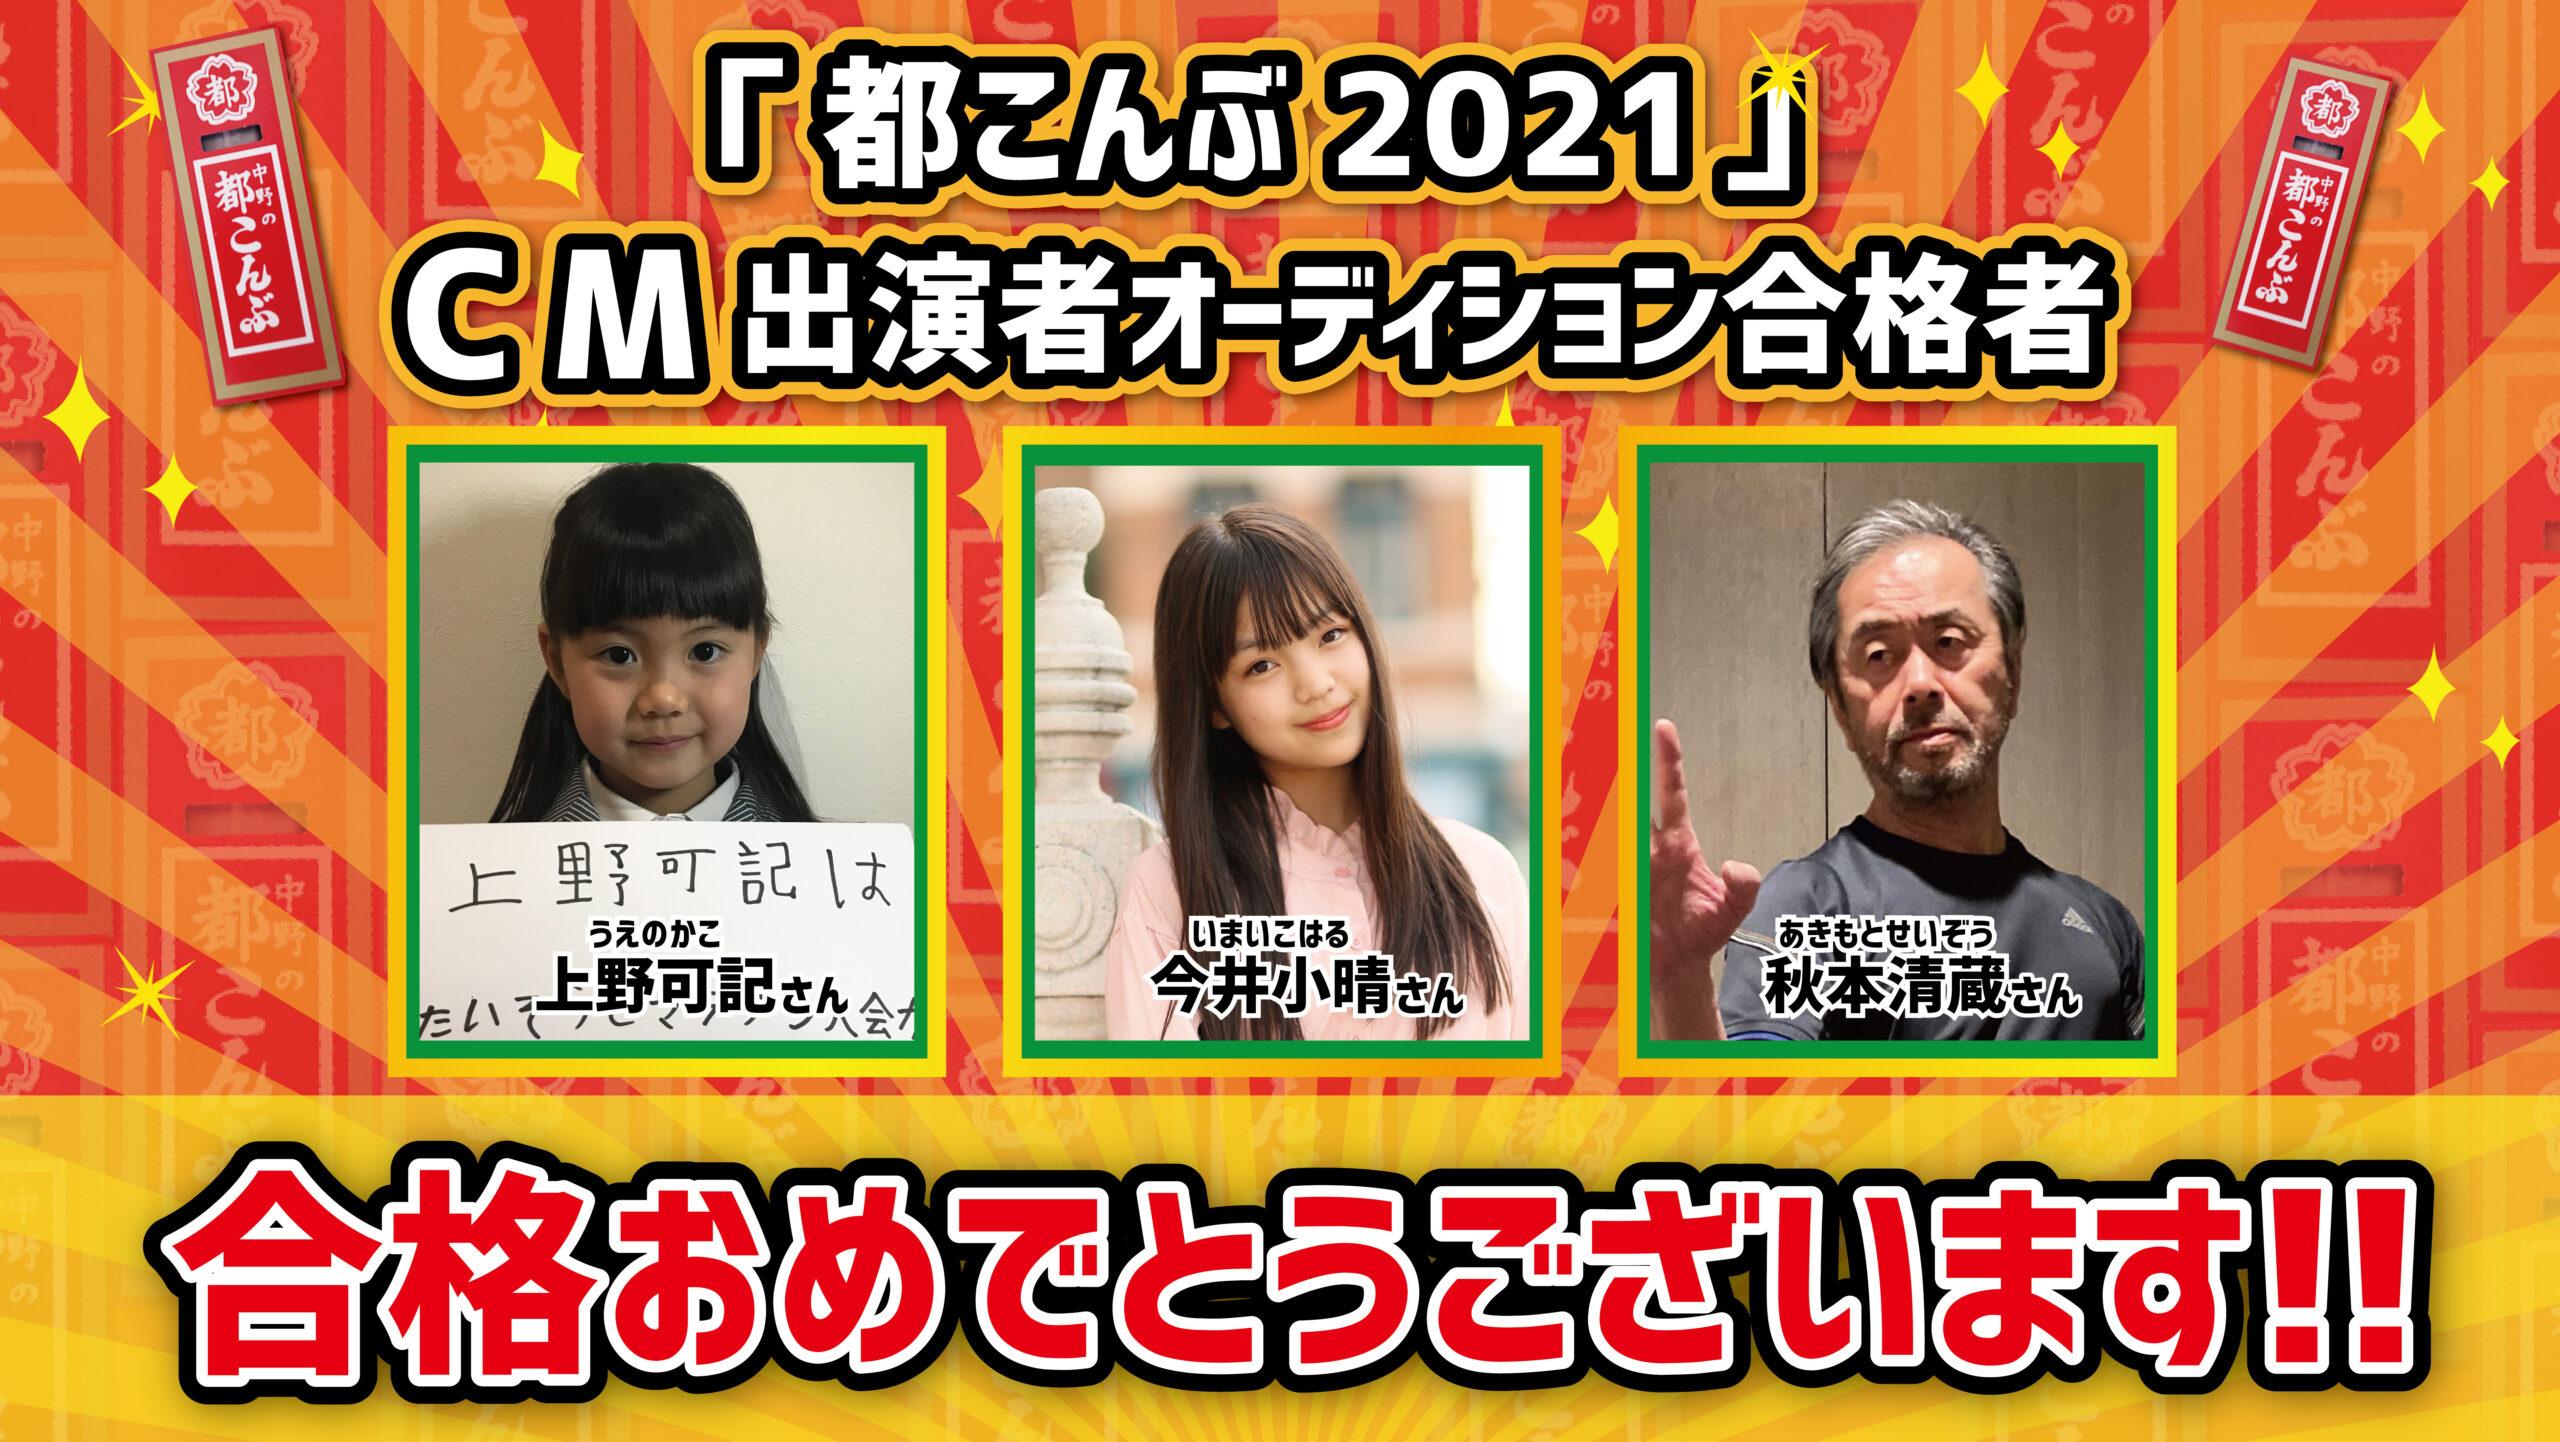 【合格者決定】中野の『都こんぶ』2021年TV-CM出演者オーディション